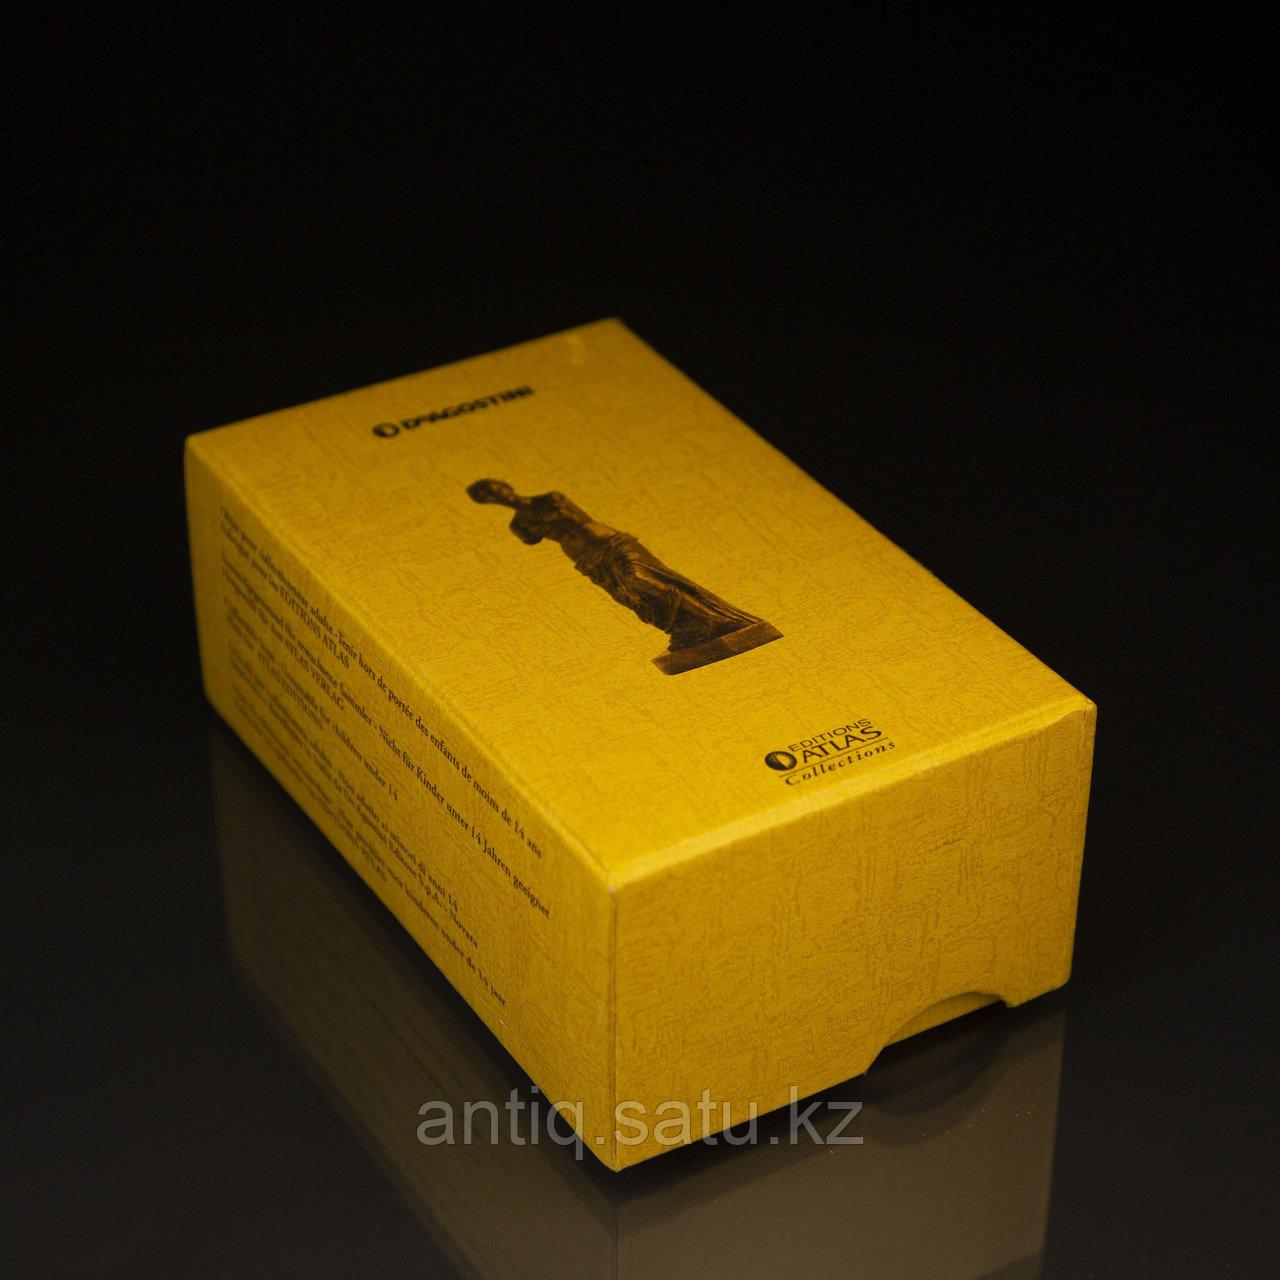 Коллекционная миниатюра «Венера Милосская». Бронза, литье Имеется сертификат. Франция. Конец ХХ века. - фото 2